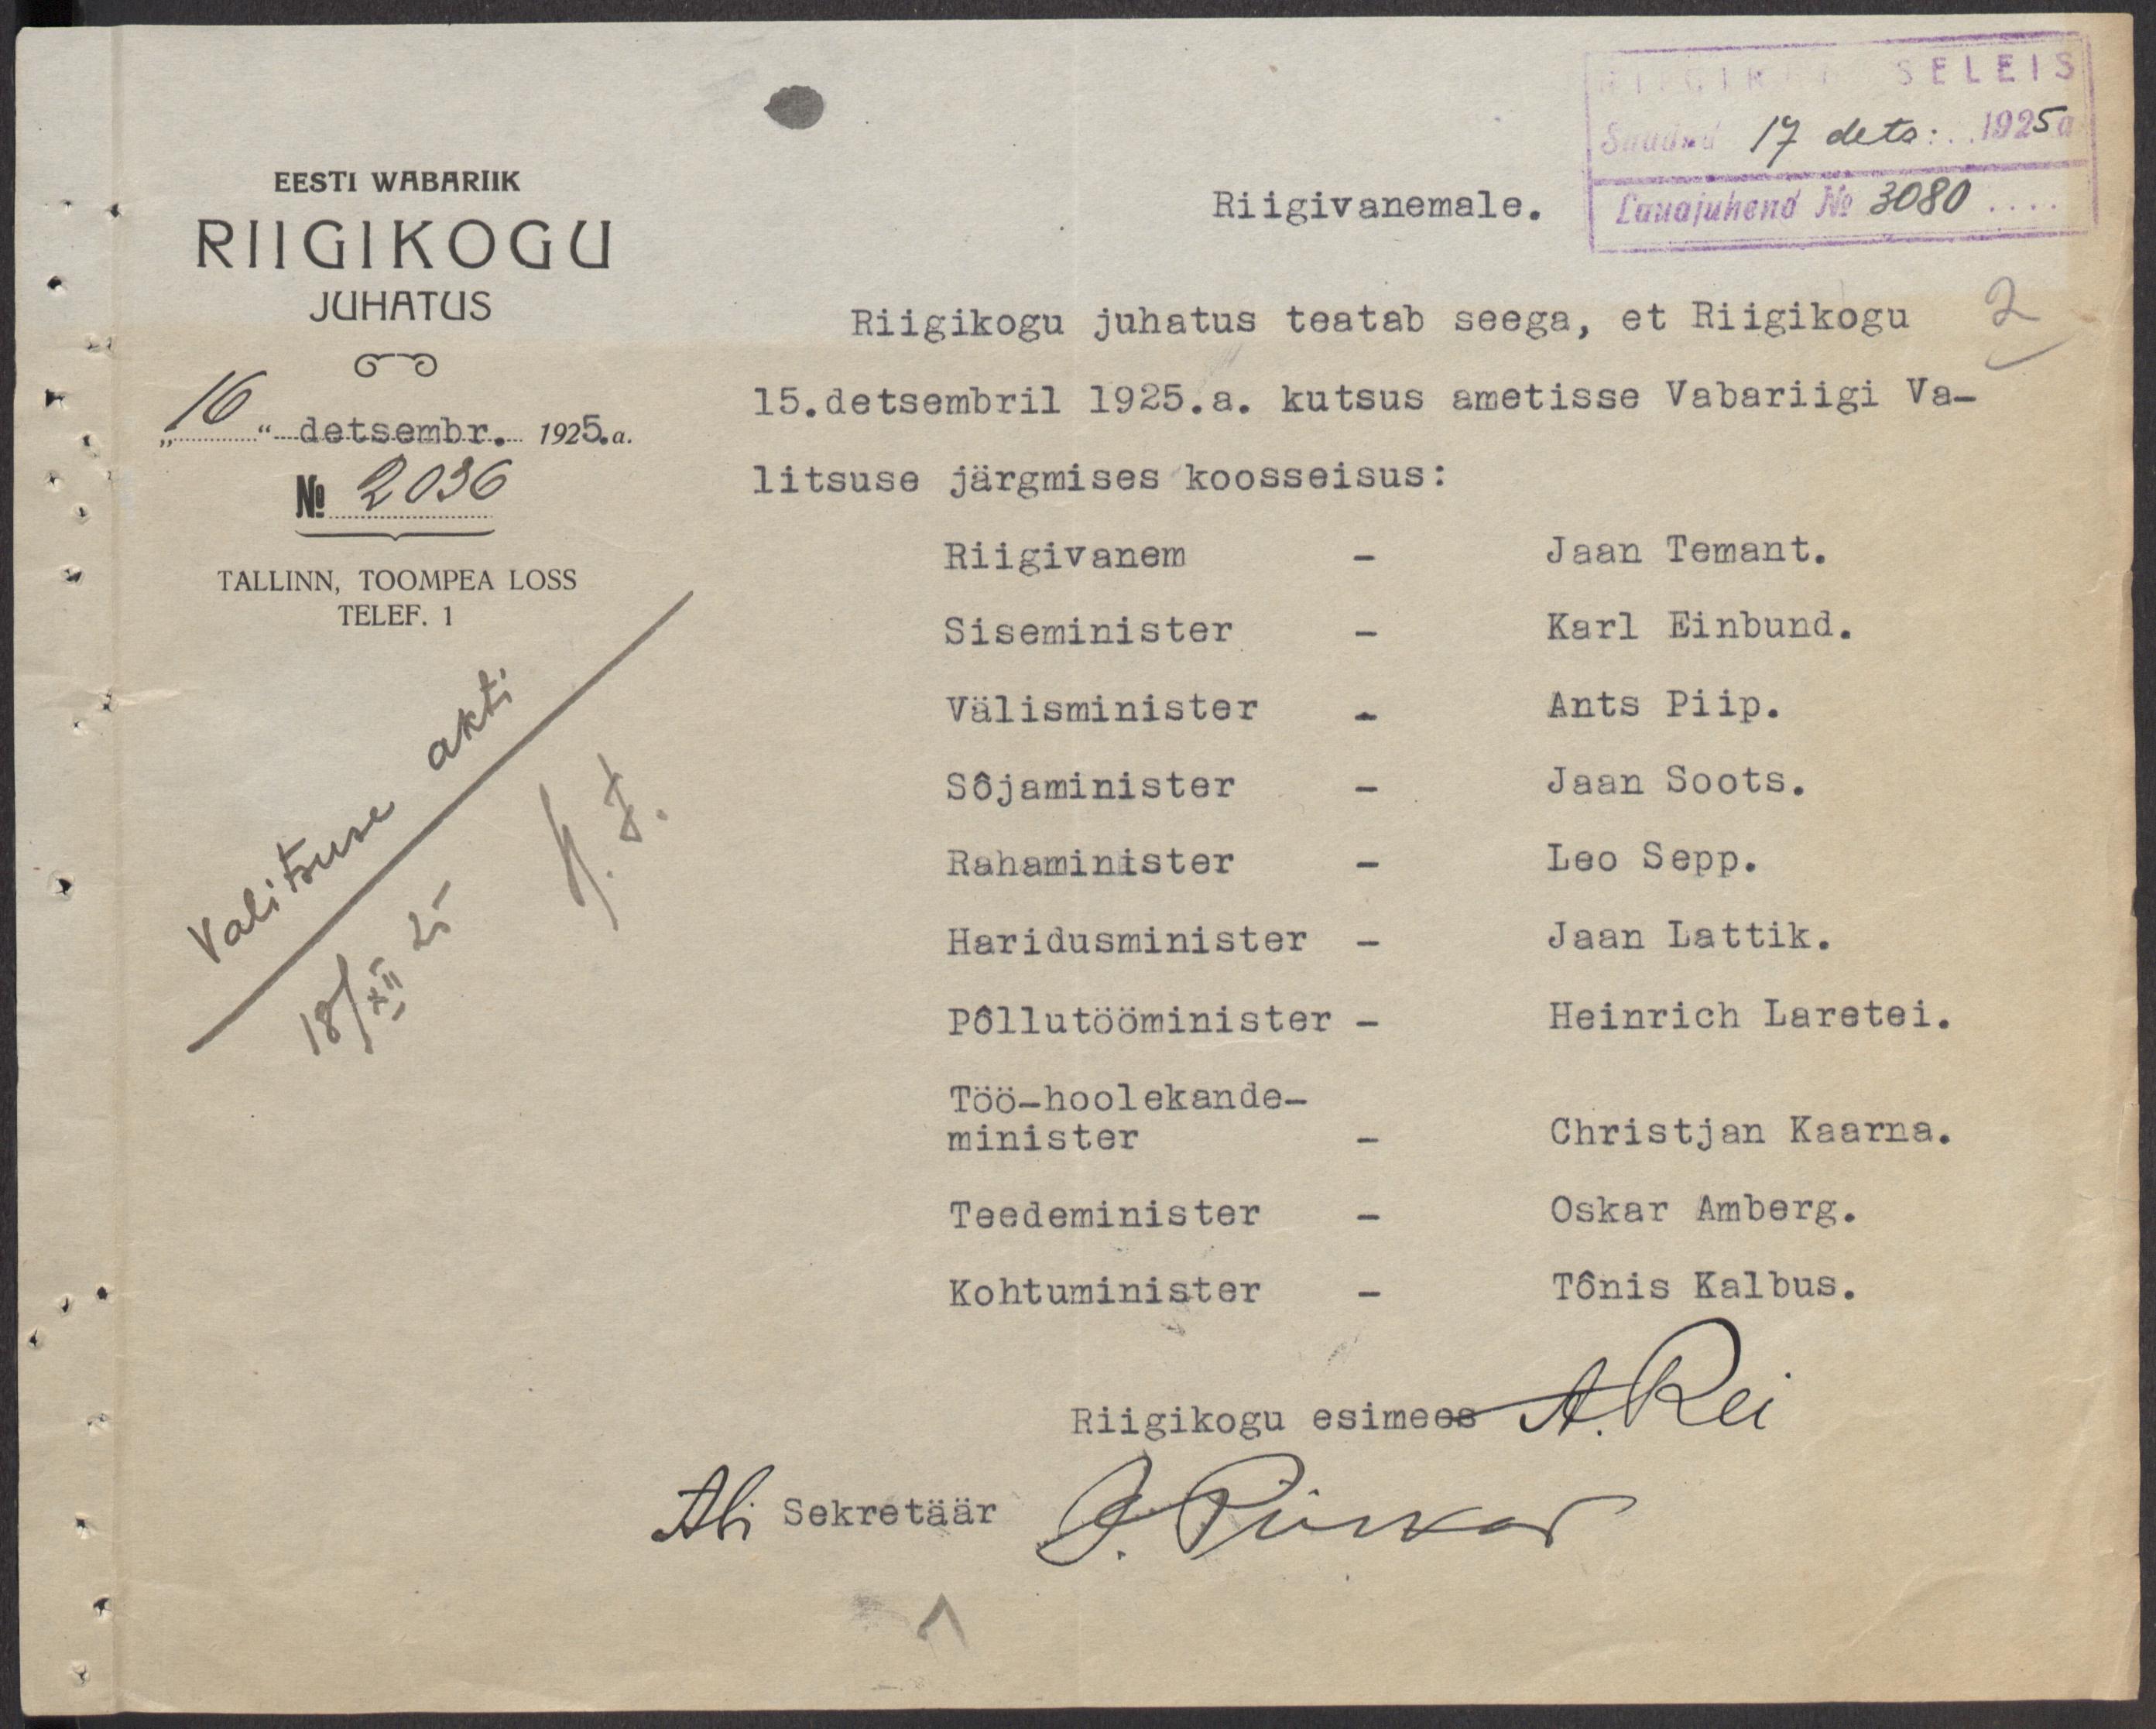 Riigikogu juhatuse teade Vabariigi Valitsuse ametisse kutsumisest. Riigivanem on Jaan Teemant. ERA.31.5.982 era31.5.982_lk2